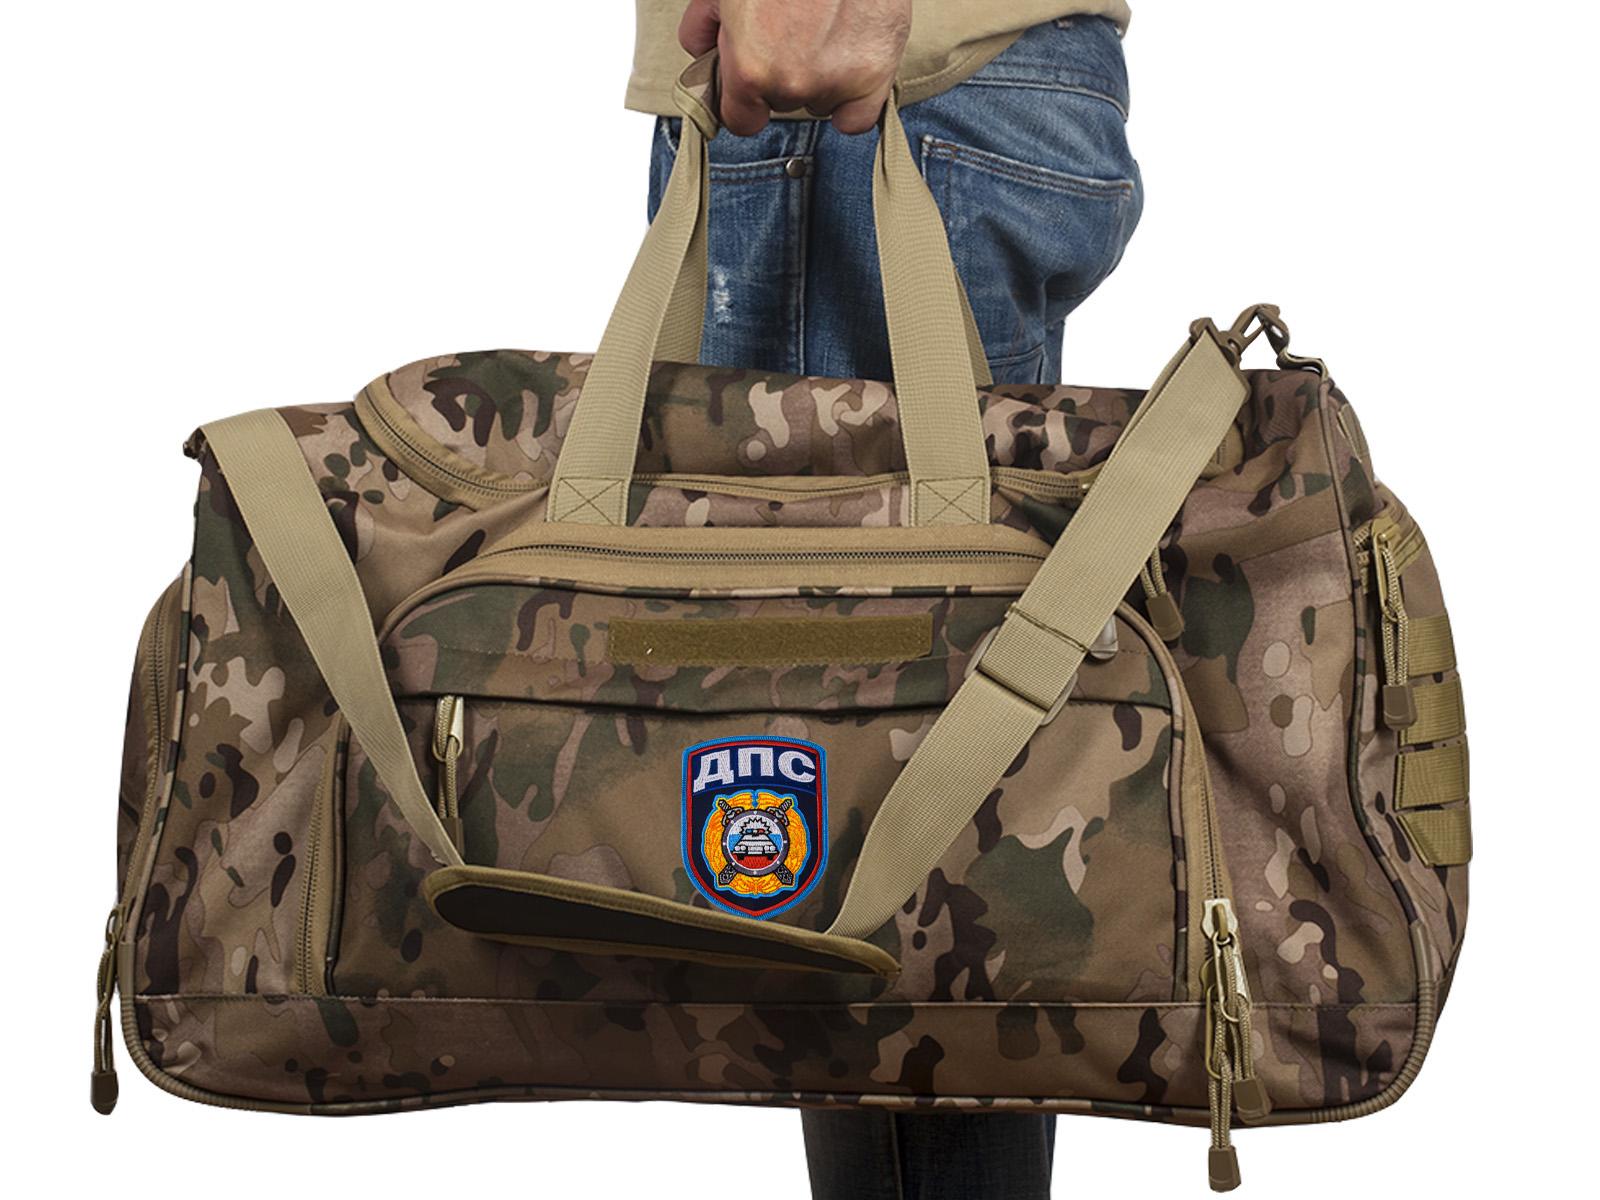 Купить тревожную надежную сумку 08032B Multicam с нашивкой ДПС с доставкой онлайн